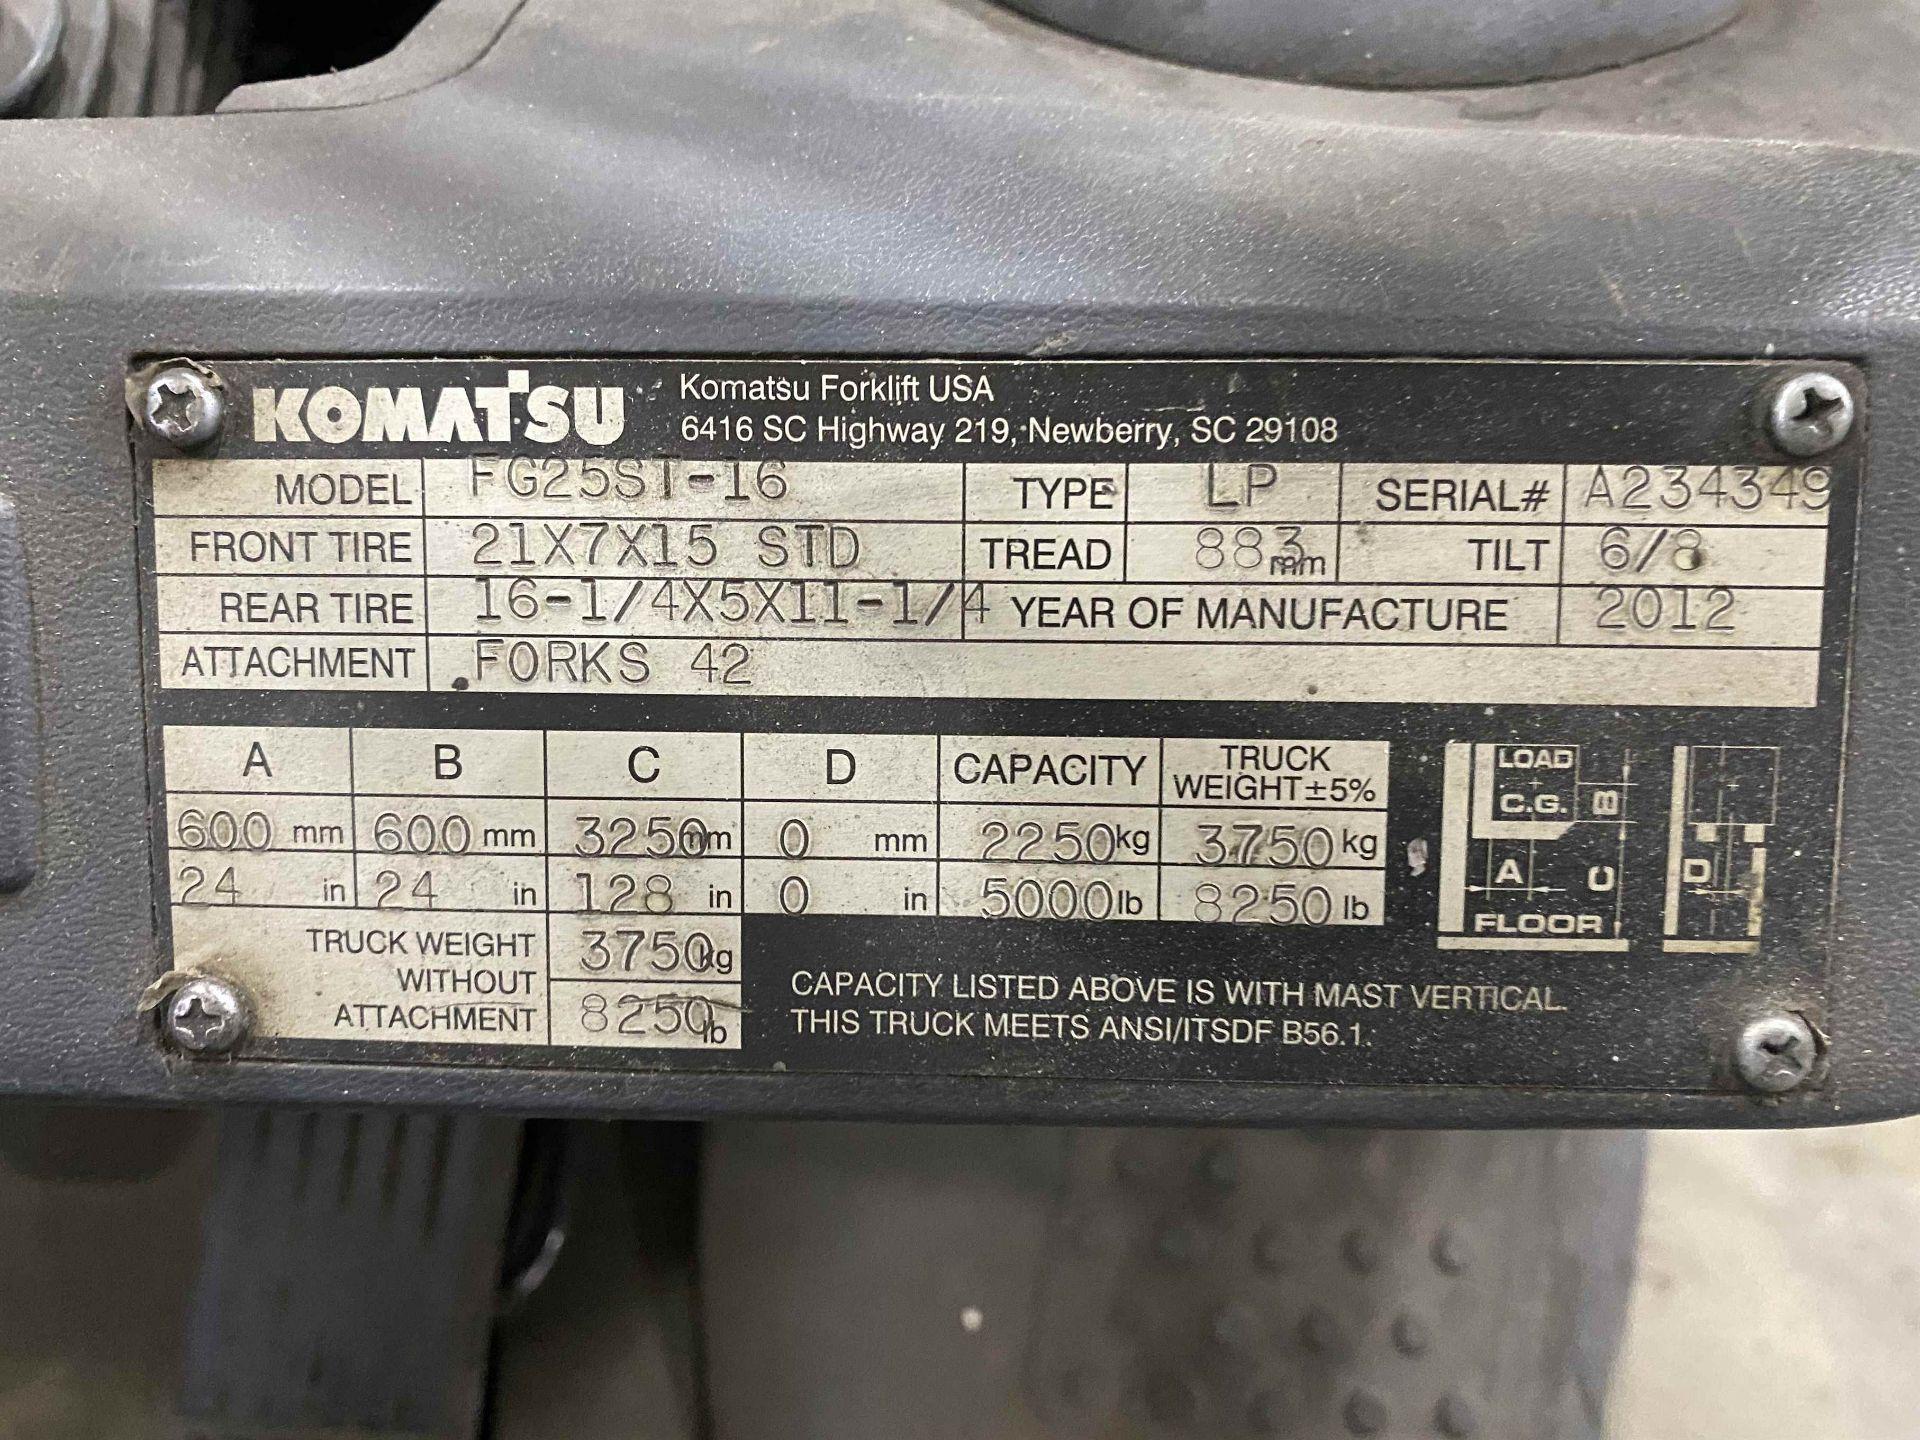 """KOMATSU FG25ST-16 5,000 Lb. LPG Forklift, s/n A234349, Two-Stage Mast, Side Shift, 48"""" Fork - Image 7 of 8"""